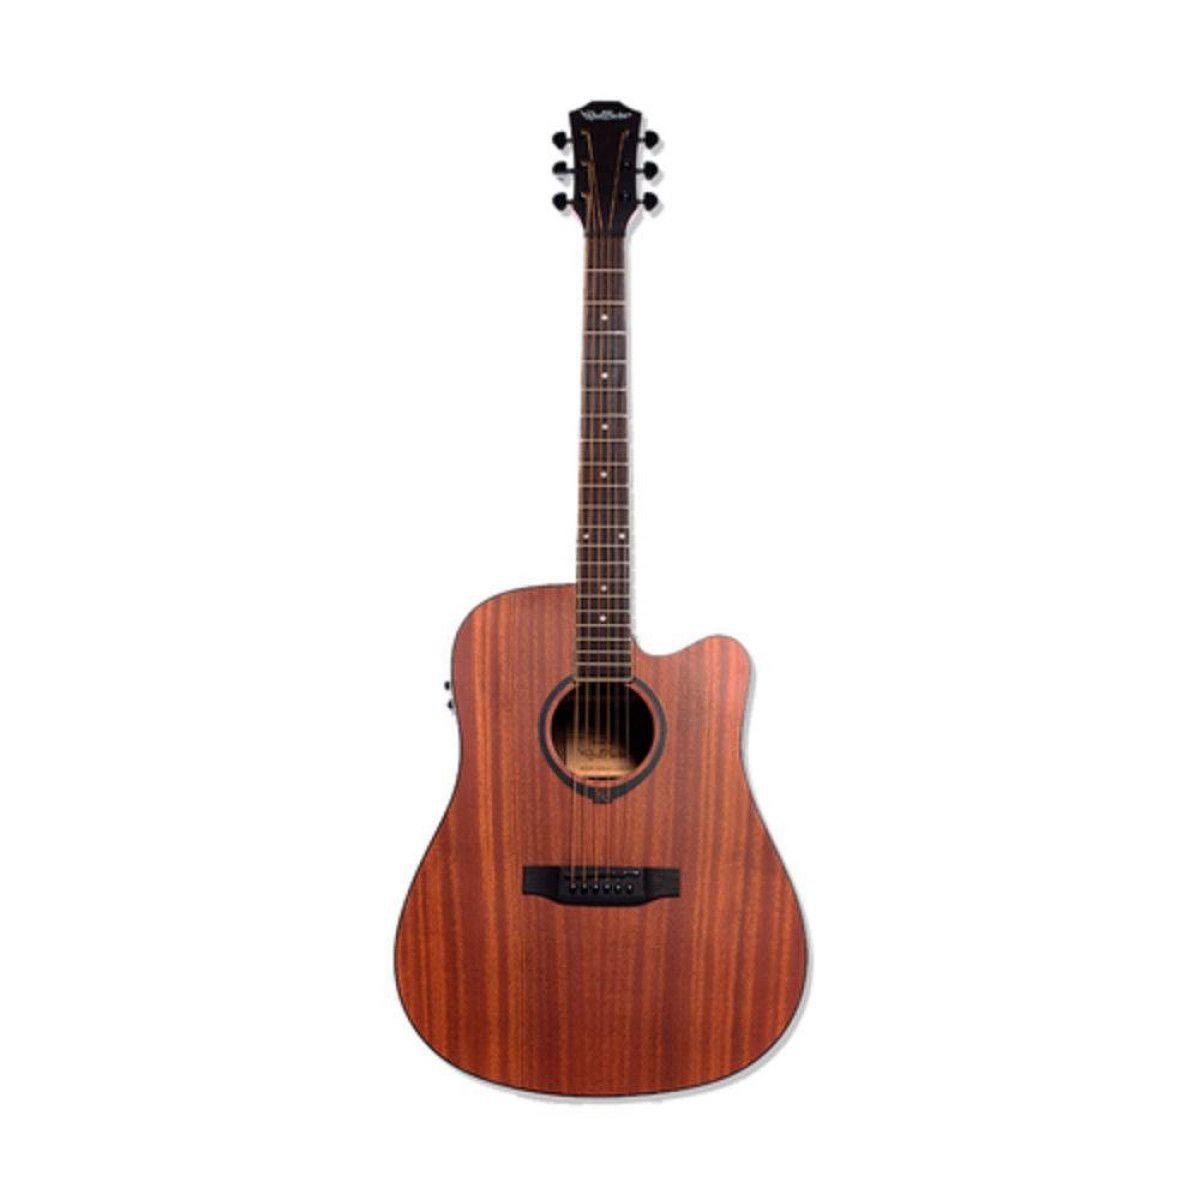 Violao Redburn Rb-200 Mahogany  - Luggi Instrumentos Musicais